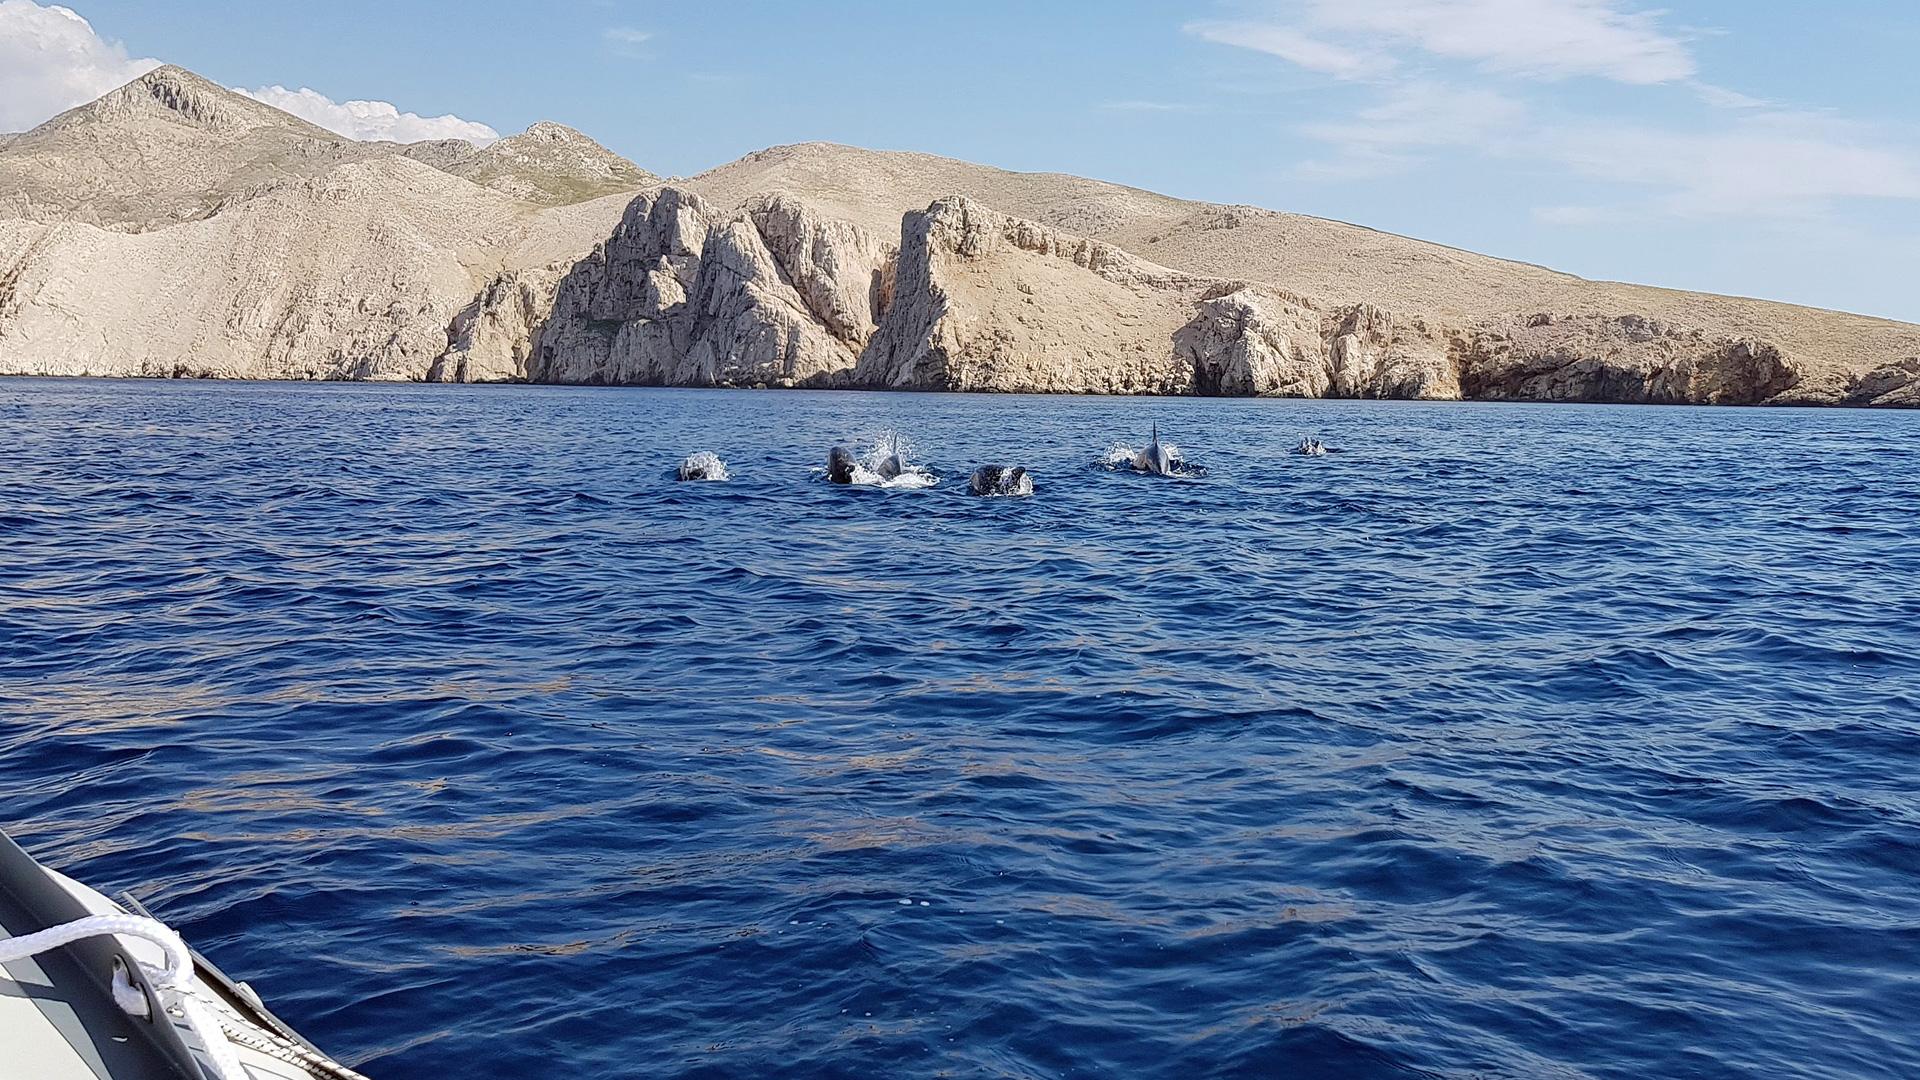 Delfinsichtung Adria vom Juli 2018.